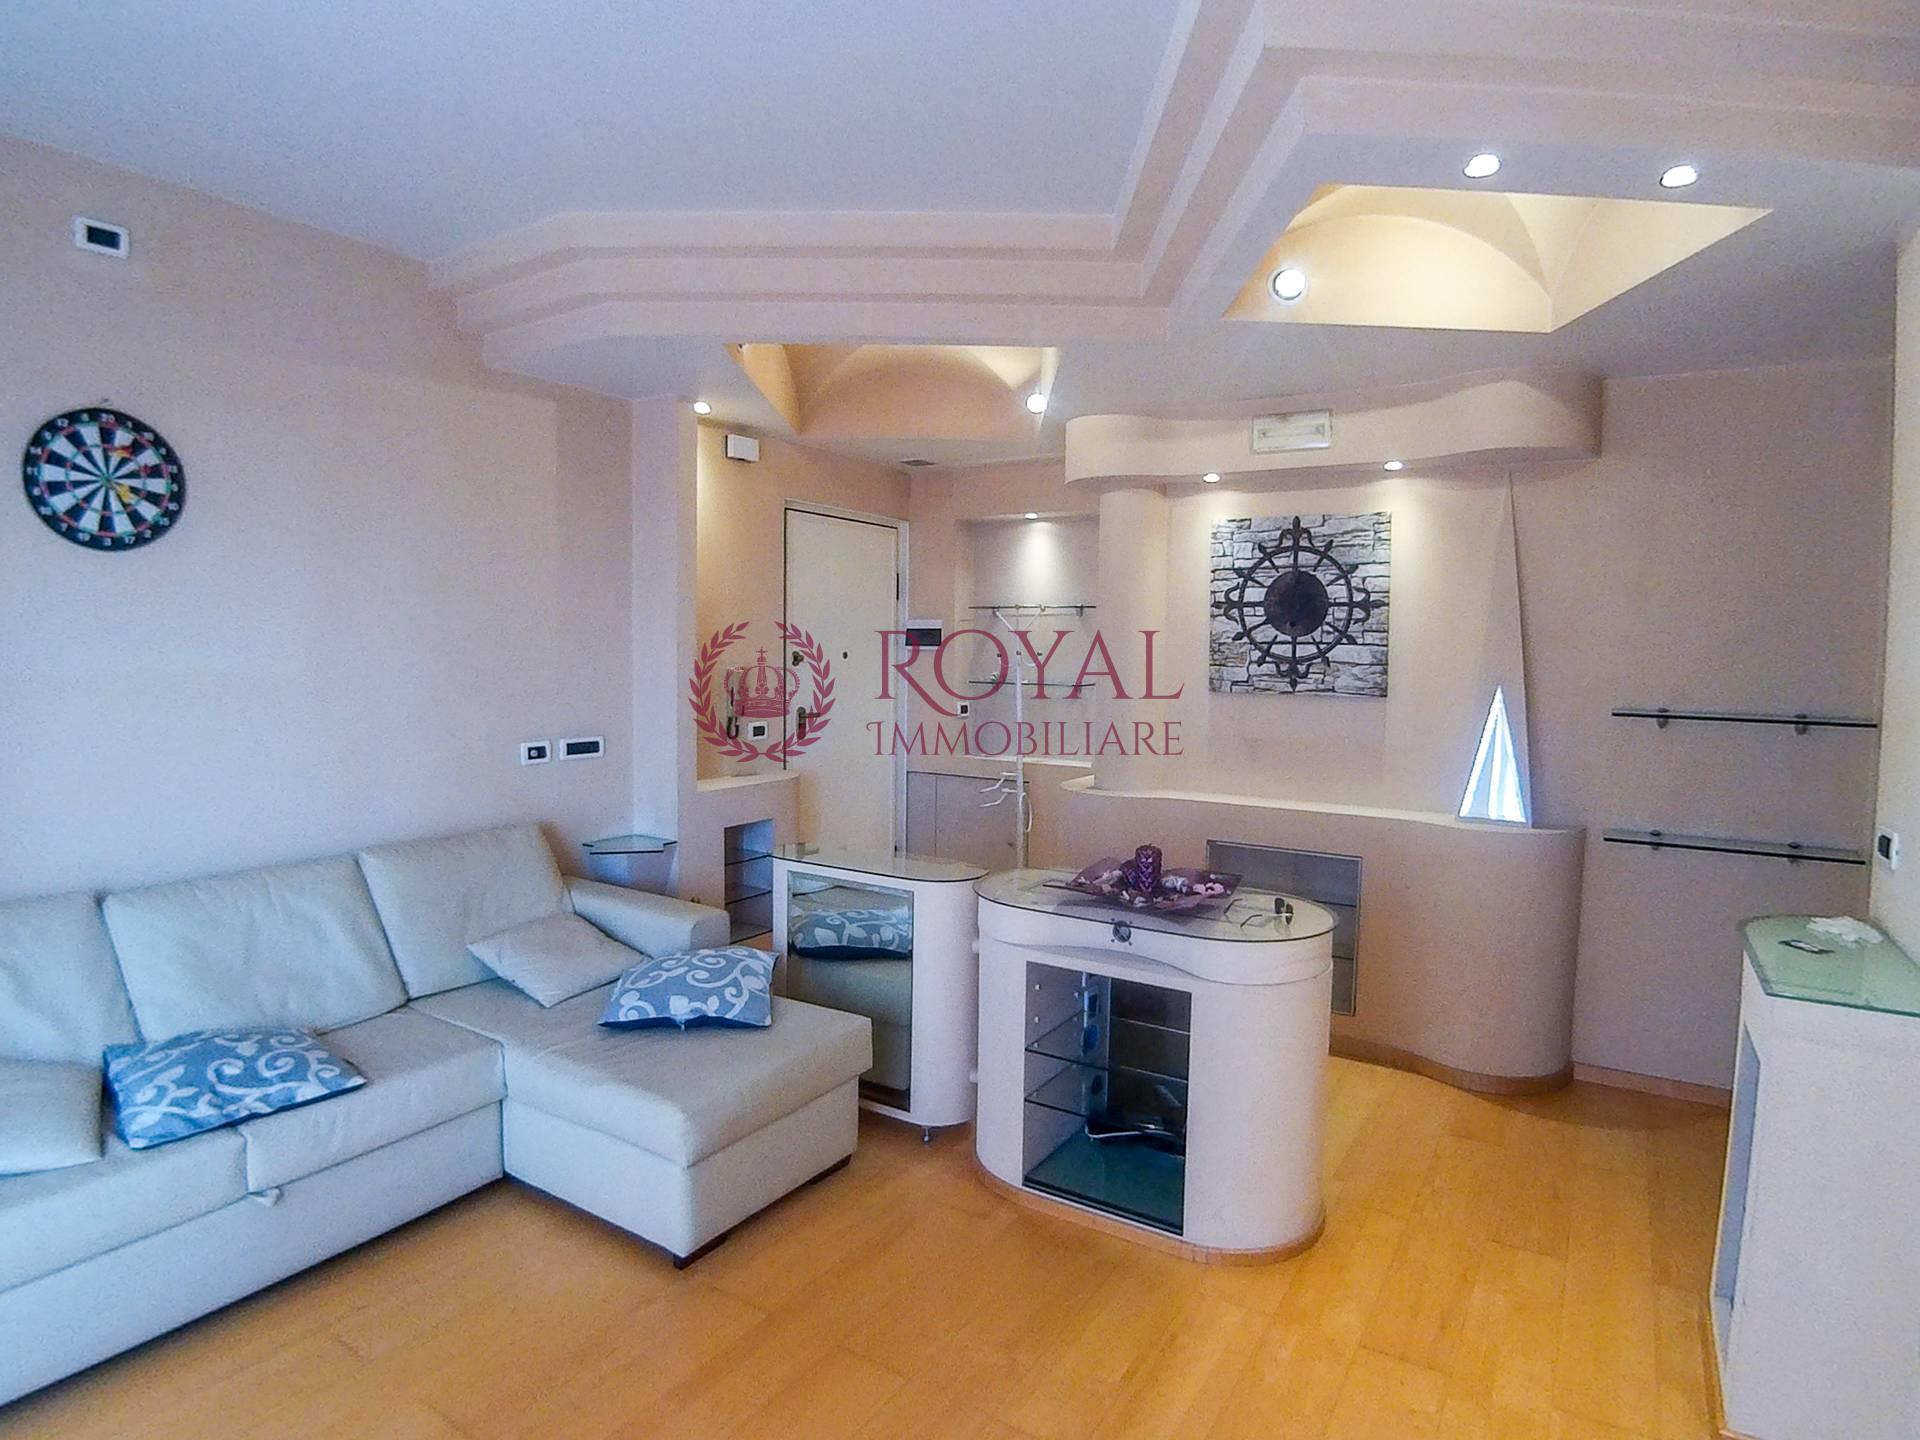 livorno affitto quart:  royal-immobiliare-professional-s.a.s.